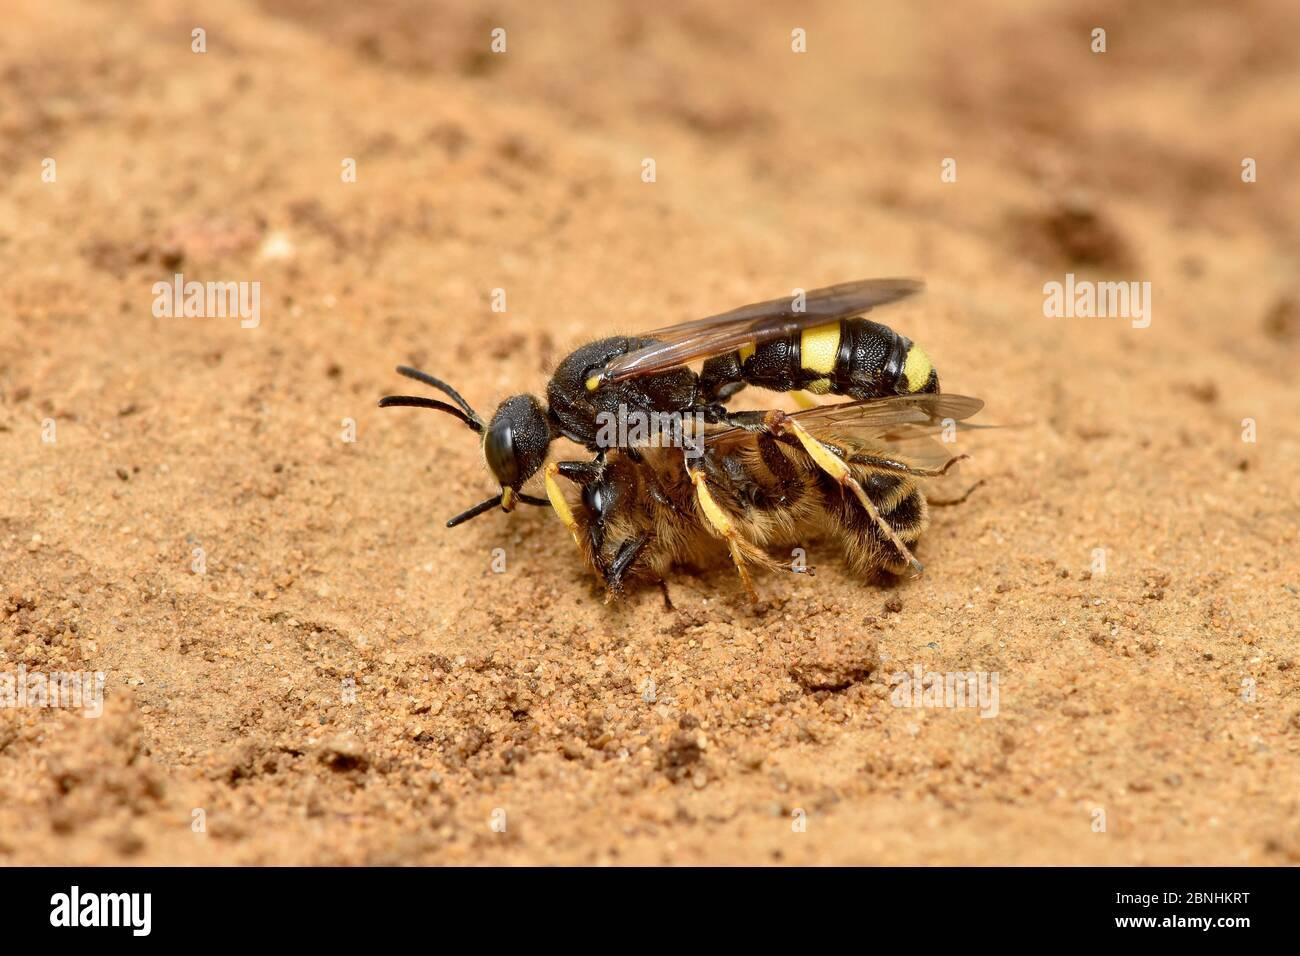 La guêpe Digger (Cerceris rybyensis) transportant l'abeille minière paralysée (Andena flavipes) de retour à la terrow où la victime sera mangée par les larves de guêpe, su Banque D'Images